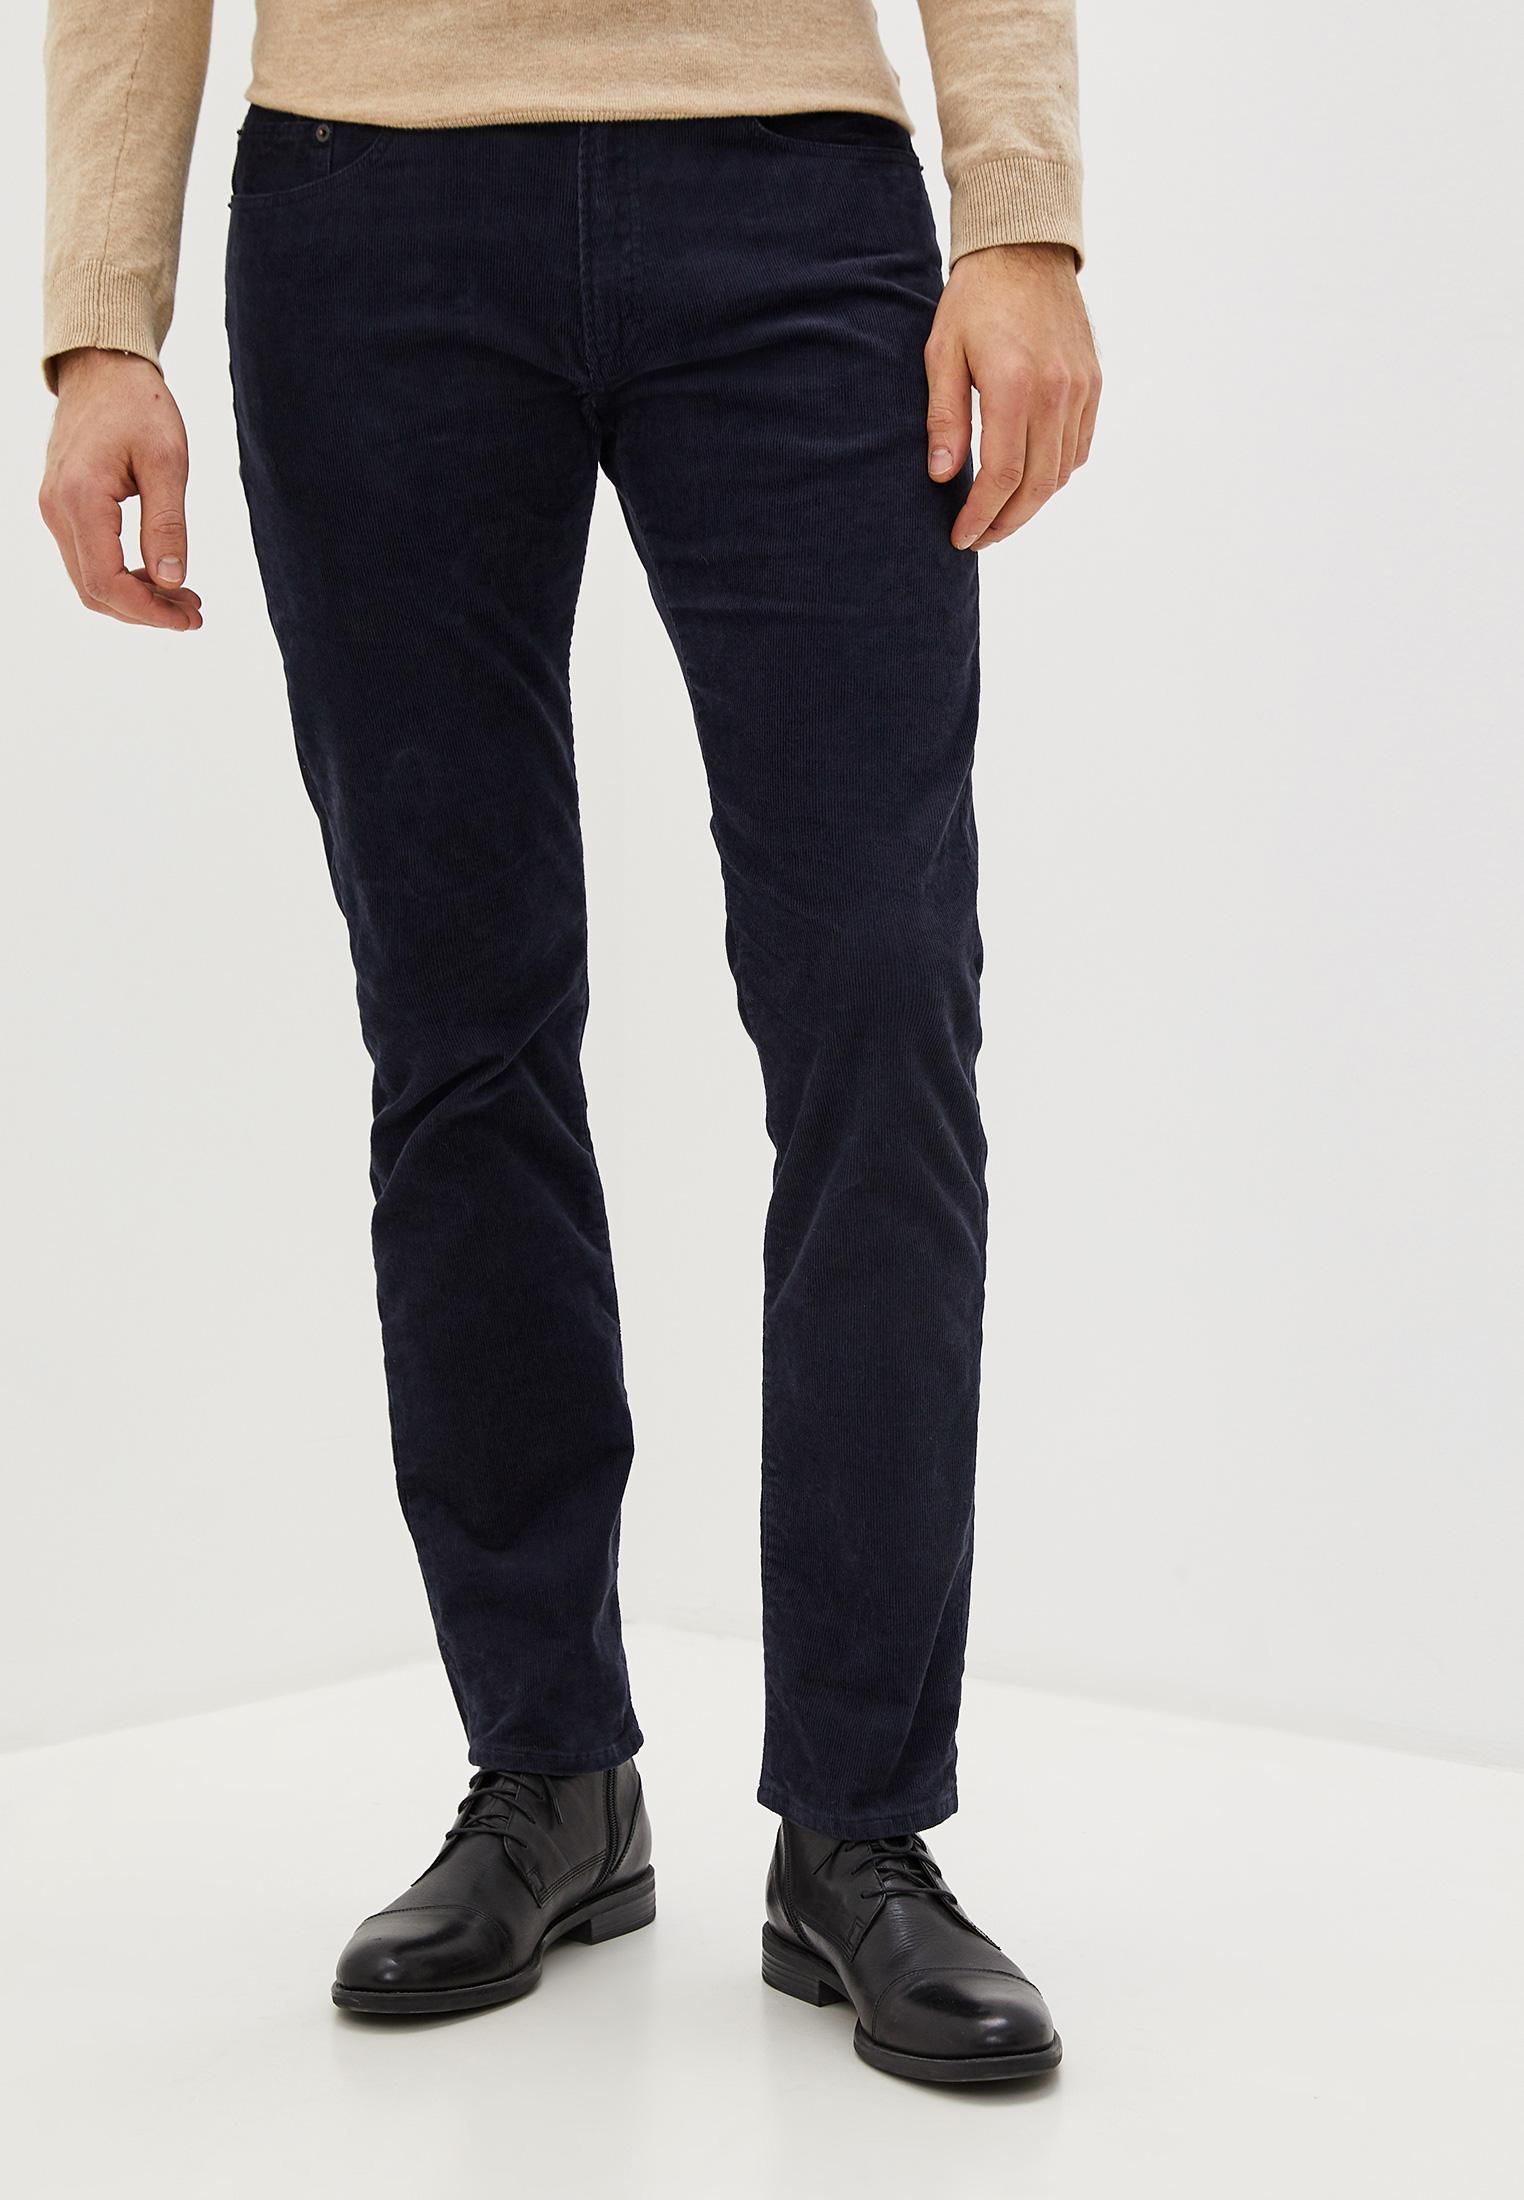 Мужские брюки Gap (ГЭП) 488845